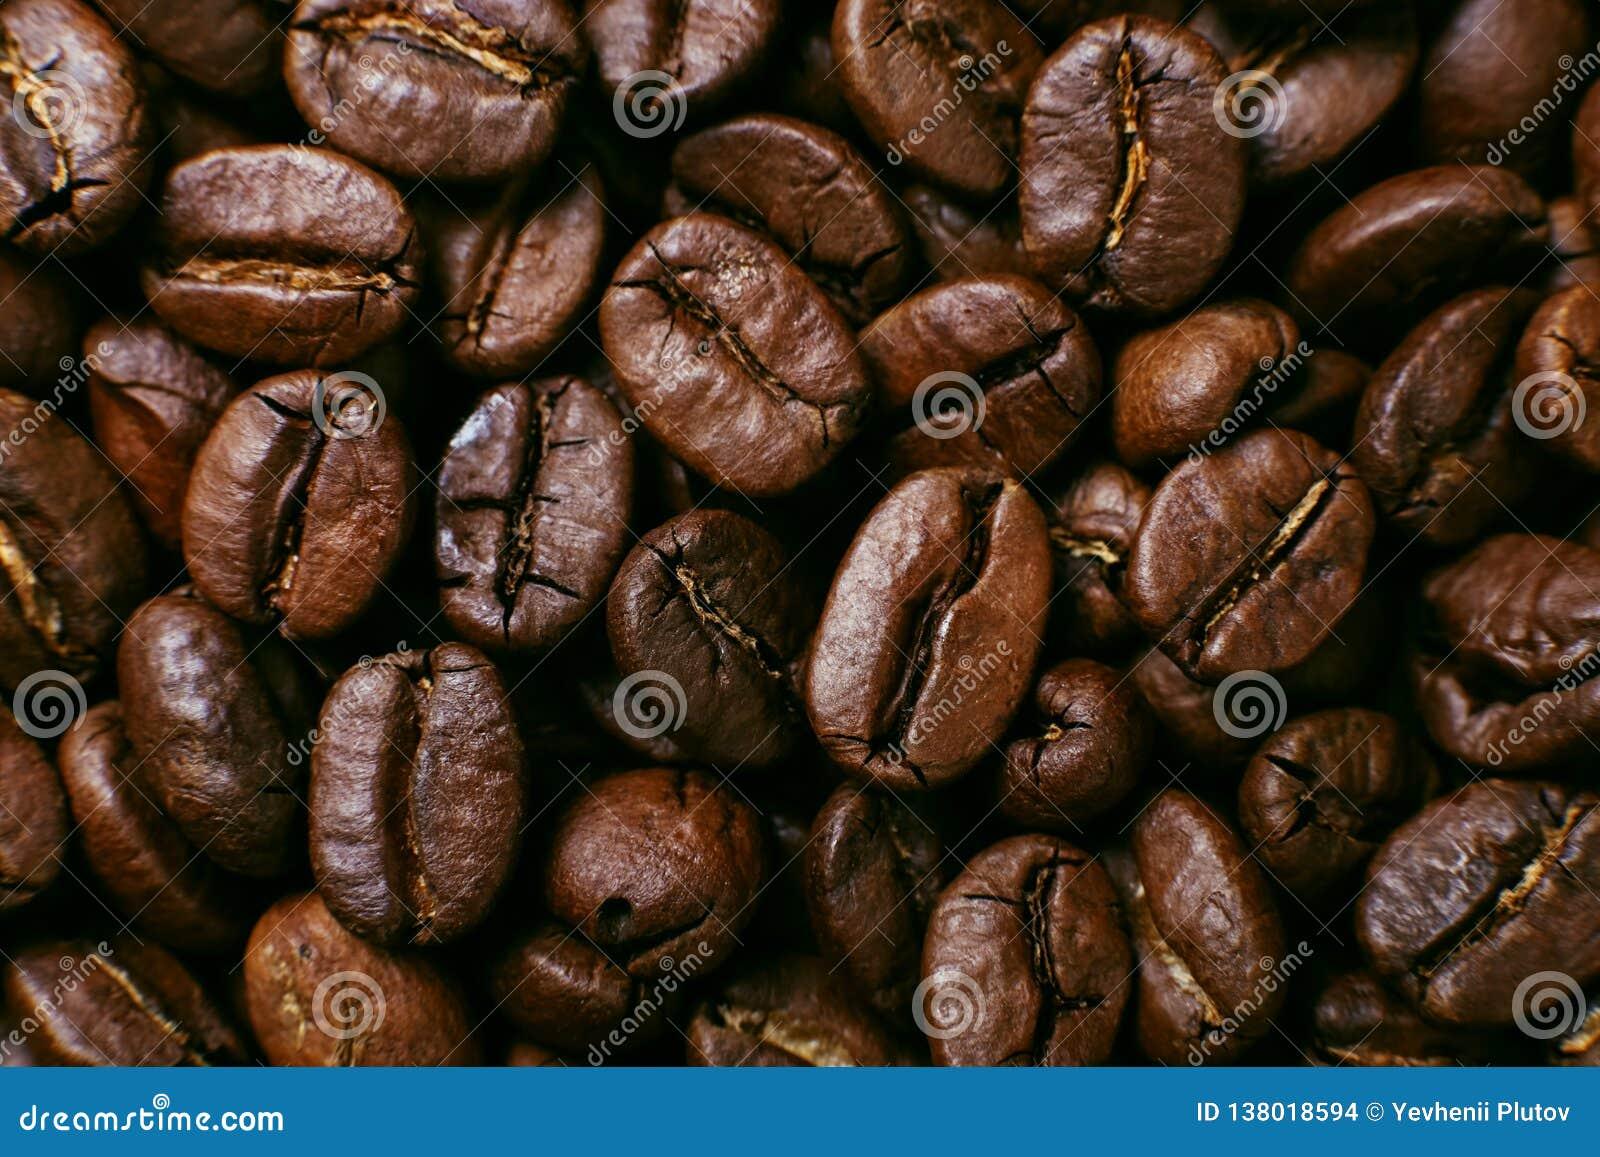 Ароматность зажарила в духовке кофейные зерна, коричневую предпосылку поднимающее вверх близкого фокуса мягкое